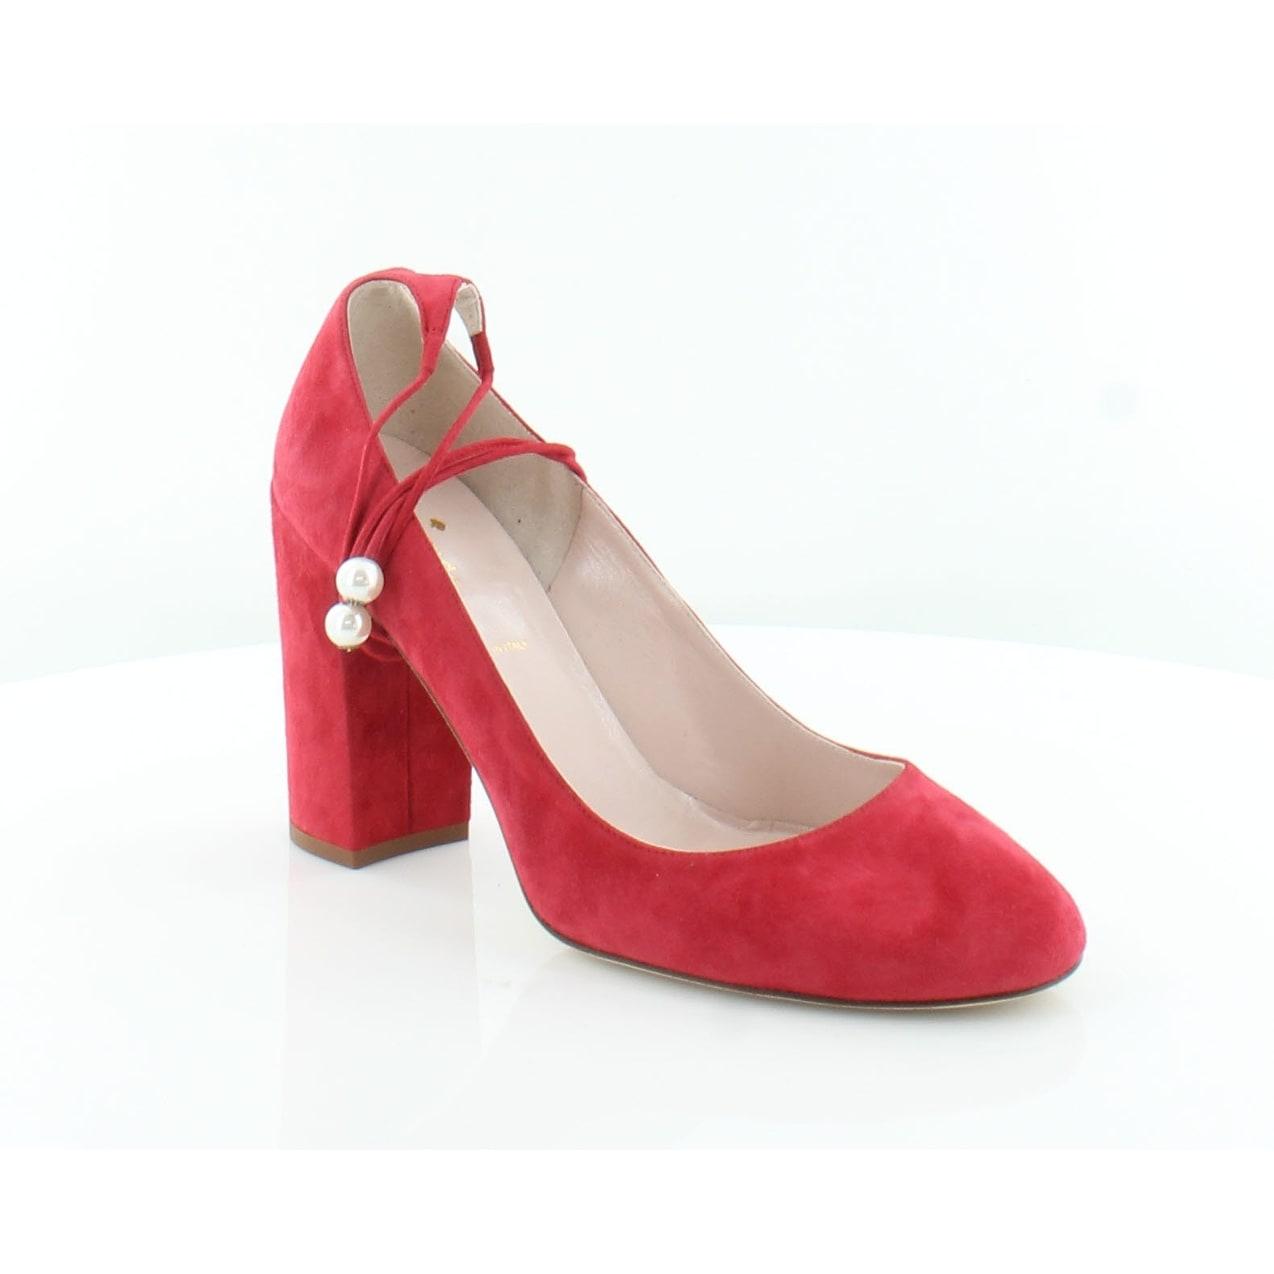 4609aaa3de70 Buy Kate Spade Women s Heels Online at Overstock